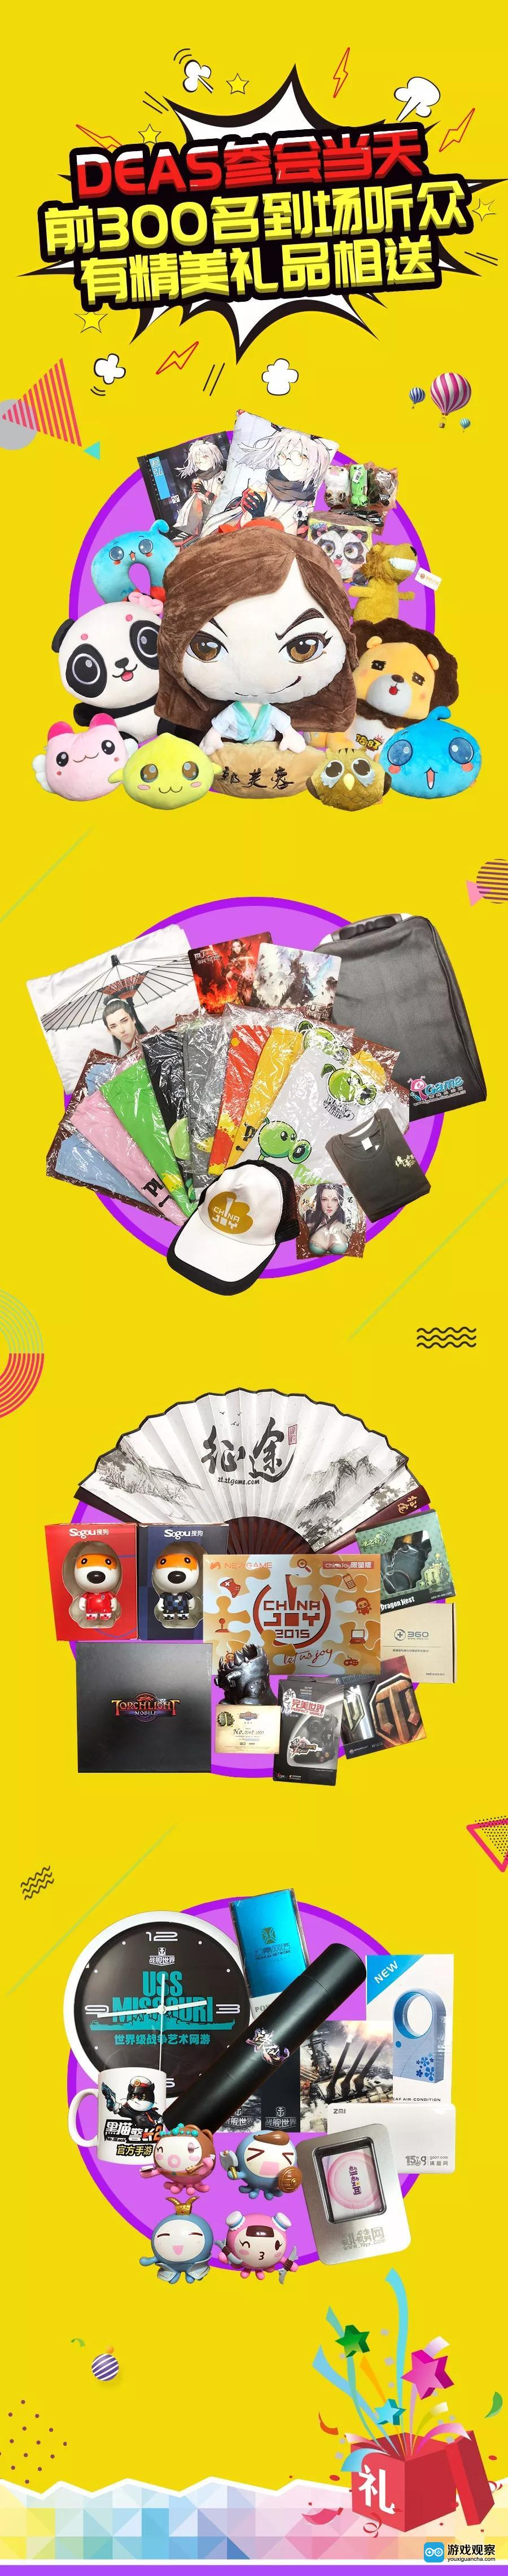 第五届中国数字娱乐产业年度高峰会(DEAS)免费门票追加500张